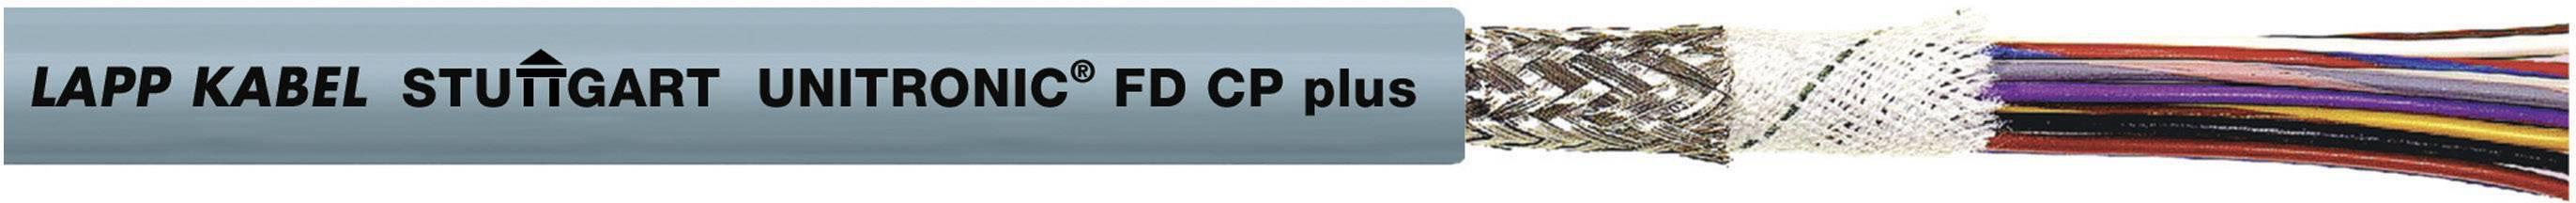 Datový kabel LappKabel UNITRONIC FD CP PLUS 25X0,34 (0028906), 25x 0,34 mm², Ø 12,5 mm, stíněný, 50 m, šedá